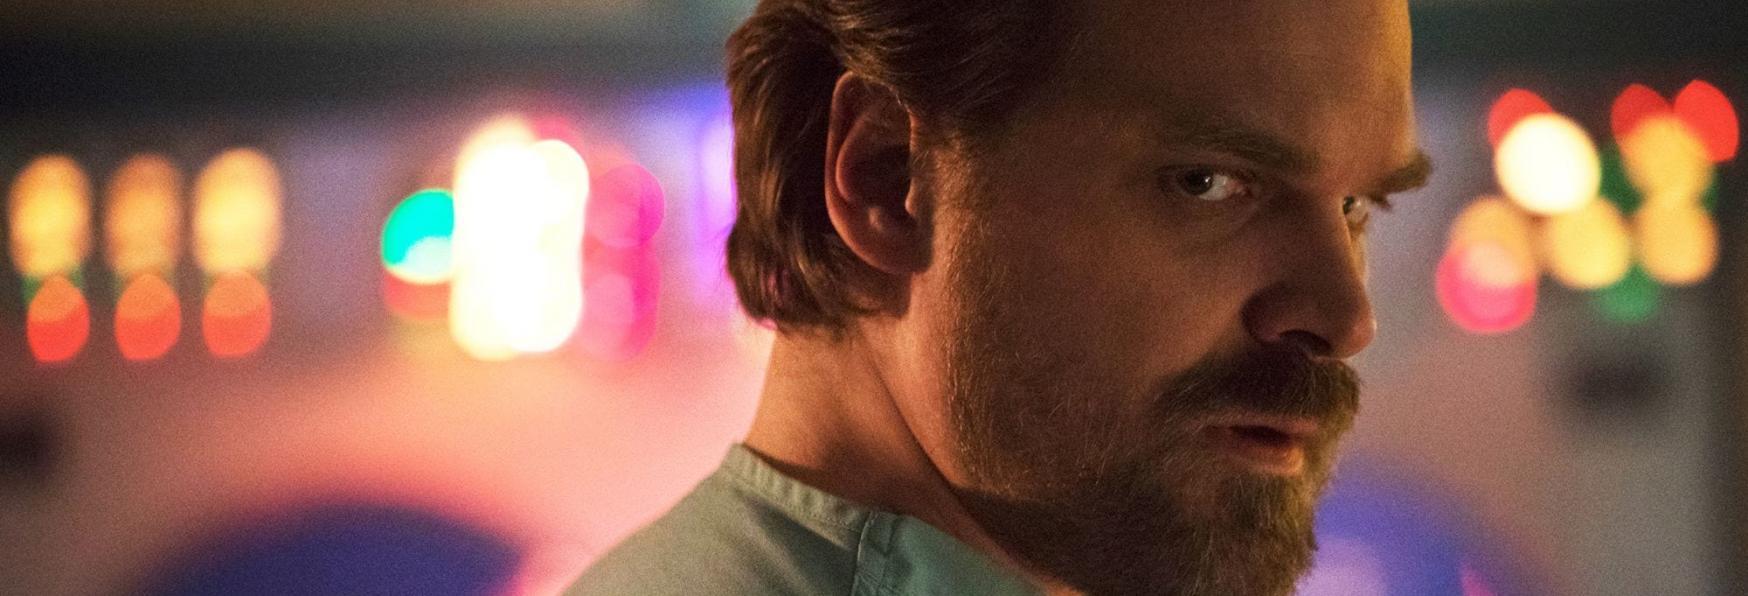 Stranger Things 4: i Film che hanno Ispirato la nuova Stagione della Serie TV Netflix